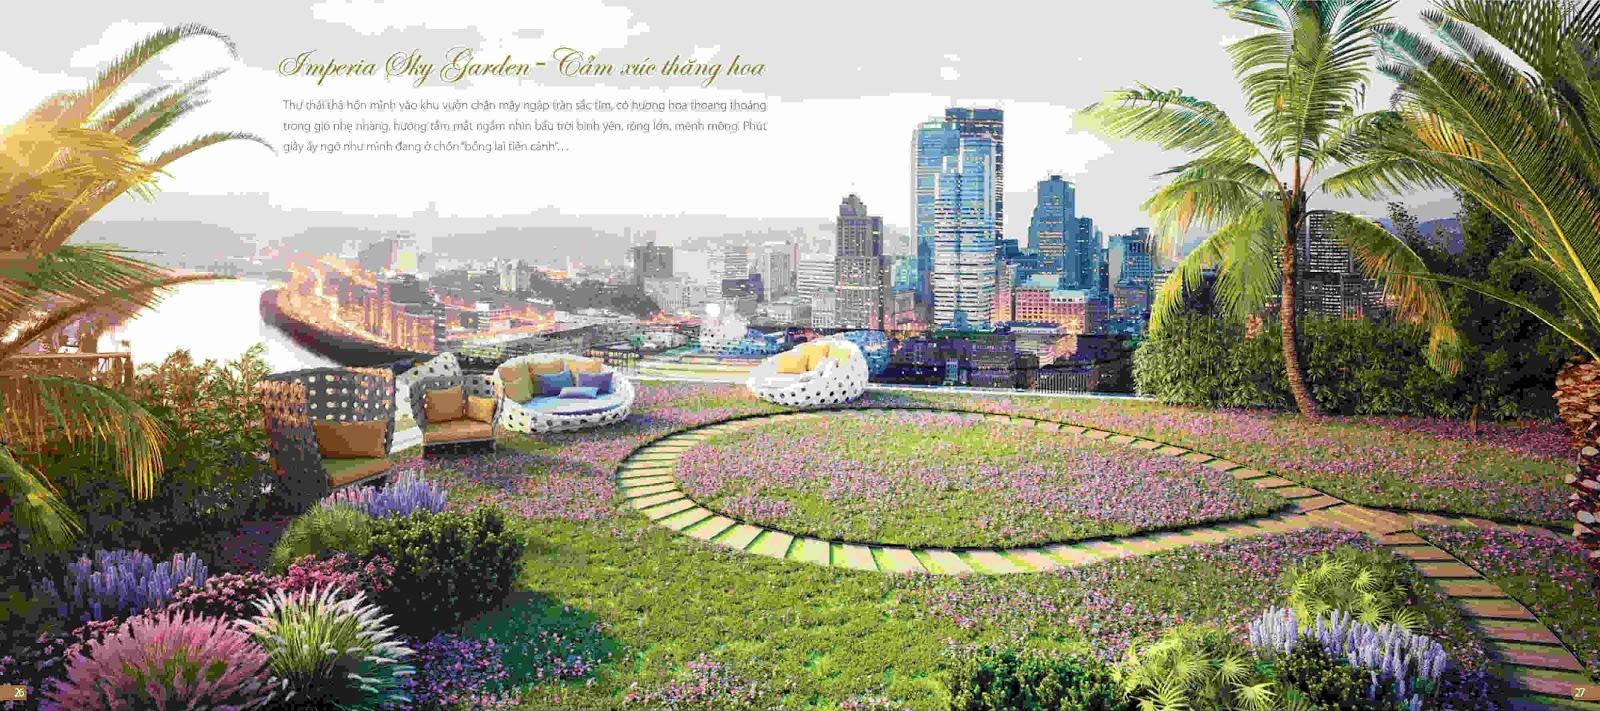 Thiết kế vườn trên mây chung cư Imperia Sky Garden